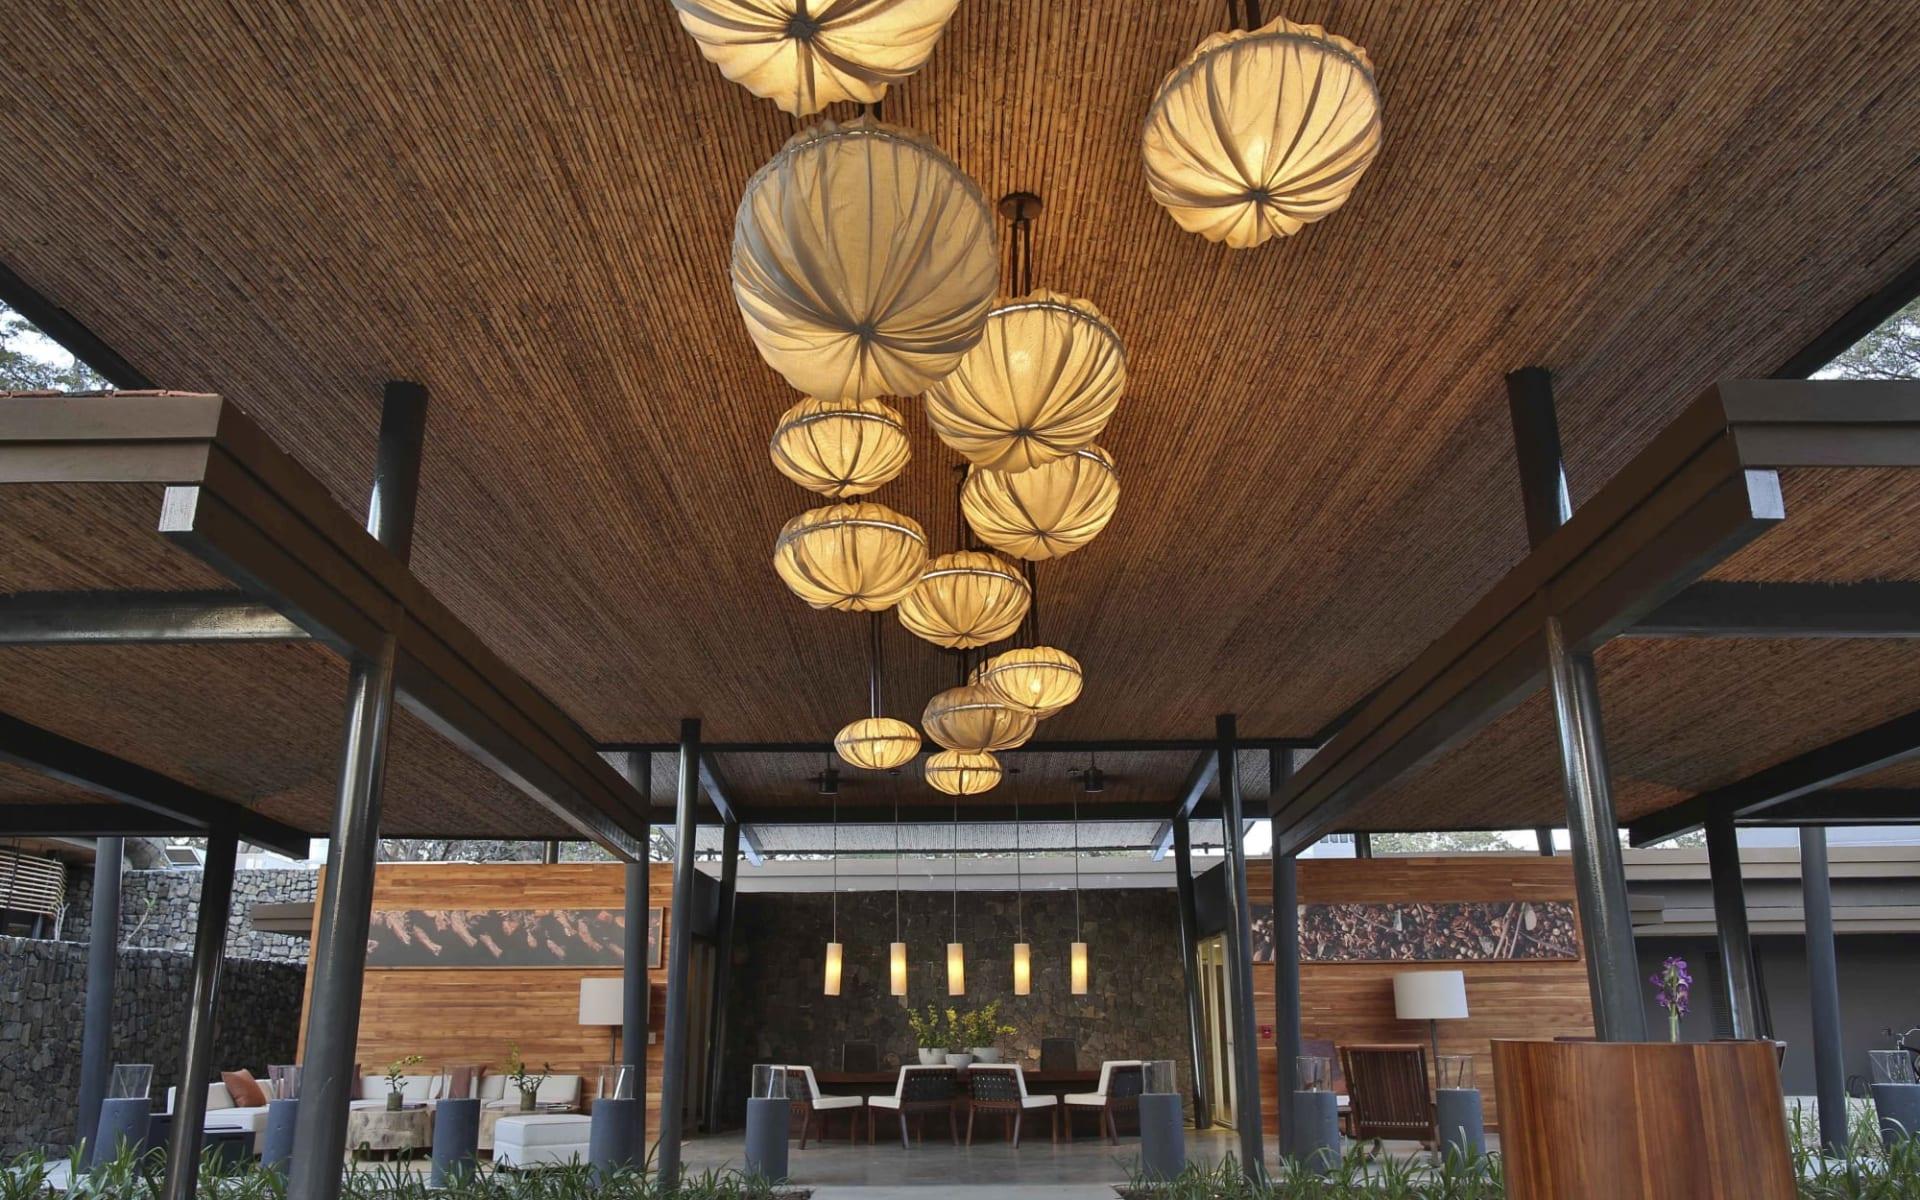 El Mangroove in Golfo Papagayo:  El Mangroove Reception